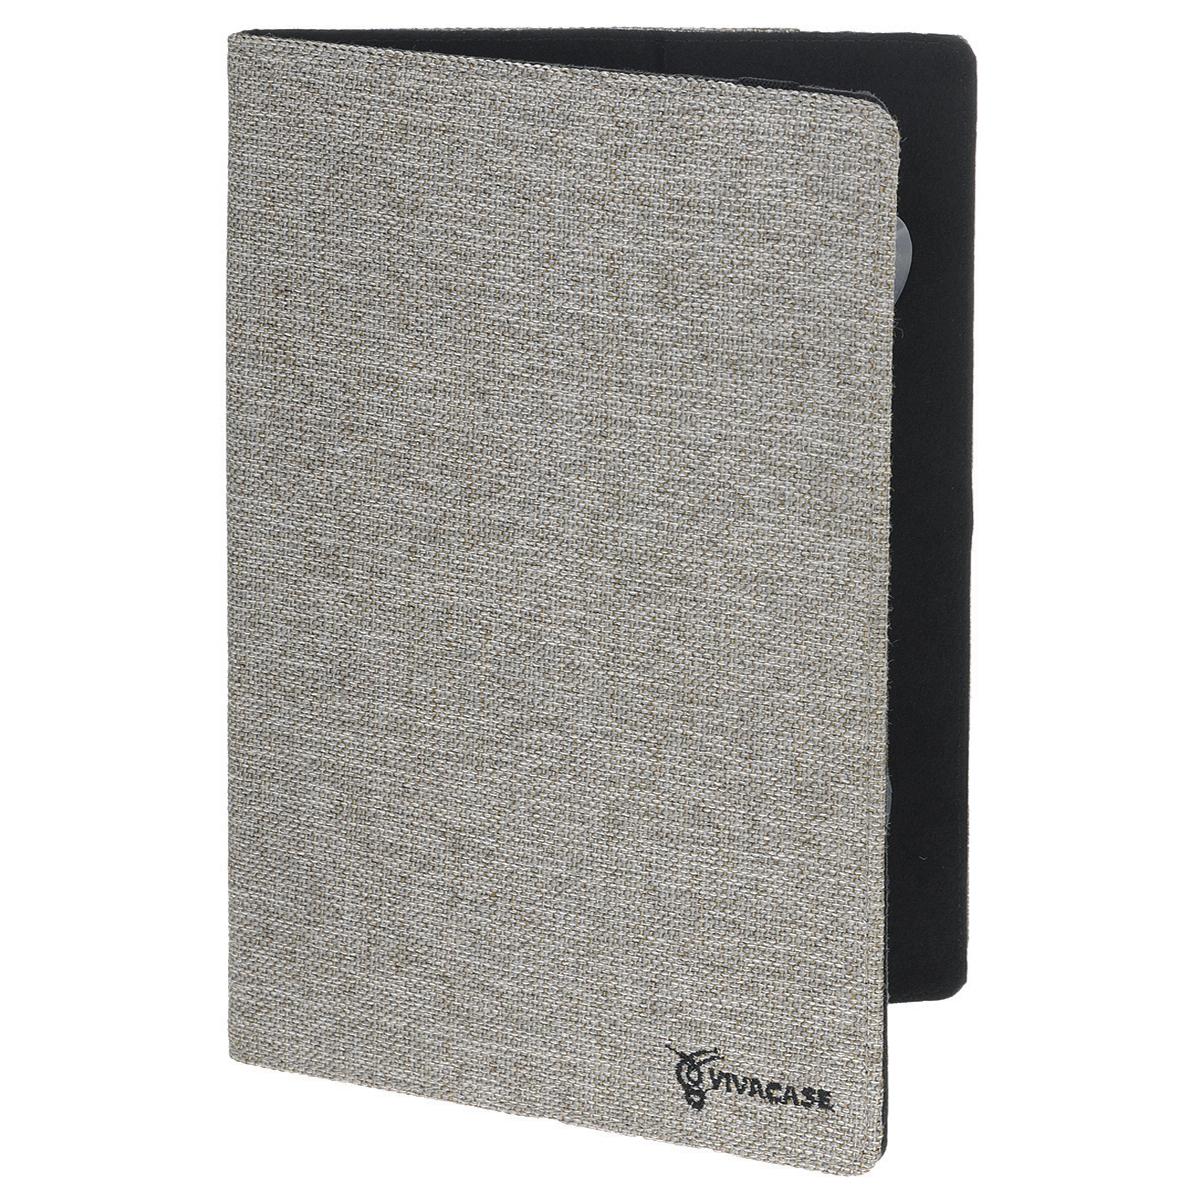 Vivacase Jacquard универсальный чехол-обложка для планшетов 10, Gray (VUC-CJ010-gr)